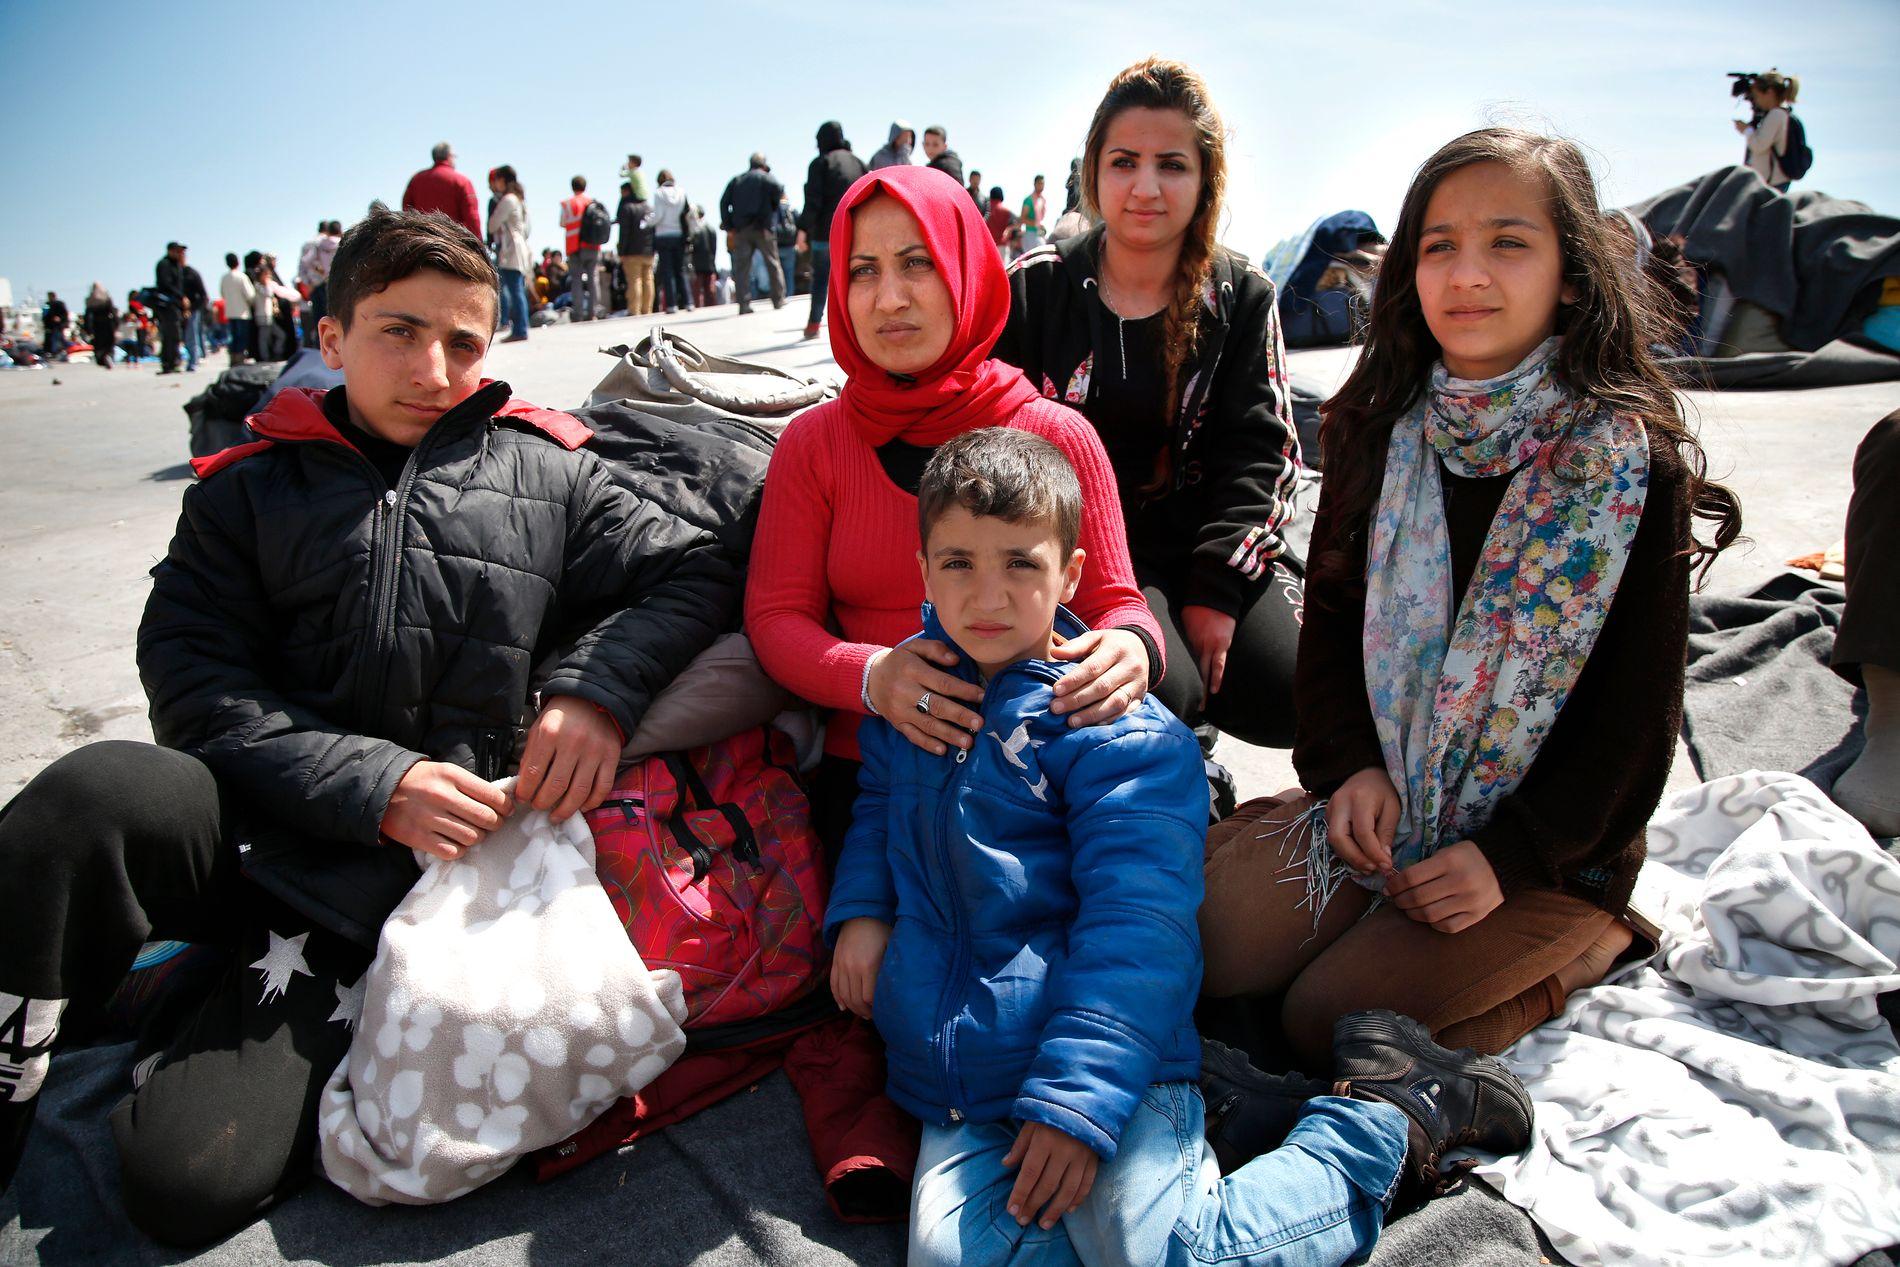 RØMTE FRA LEIREN: Falak Darwish følte seg utrygg alene med fire barn i interneringsleiren da det brøt ut opptøyer og slåssing grunnet mangel på vann og mat. Her i havna sammen med barna Mohammad (14), Leyla (13), Eva (16) og Hamed (7).